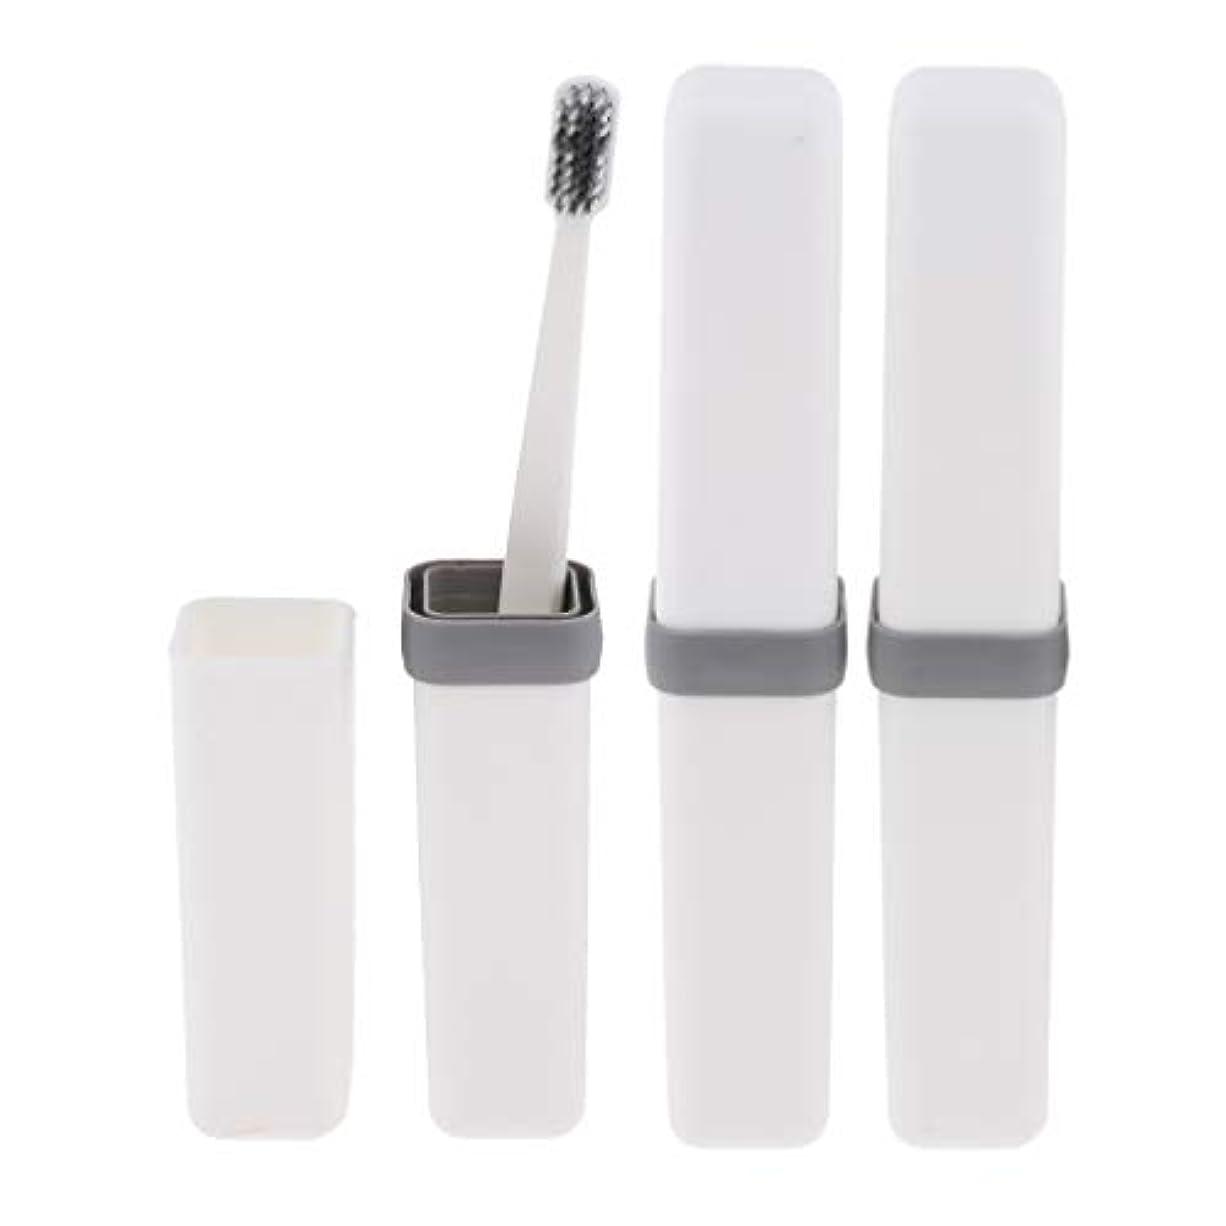 障害者髄コンセンサスFenteer 歯ブラシ 歯磨き 歯清潔 収納ボックス付 旅行 キャンプ 学校 軽量 携帯 実用的 3個 全4色 - 白